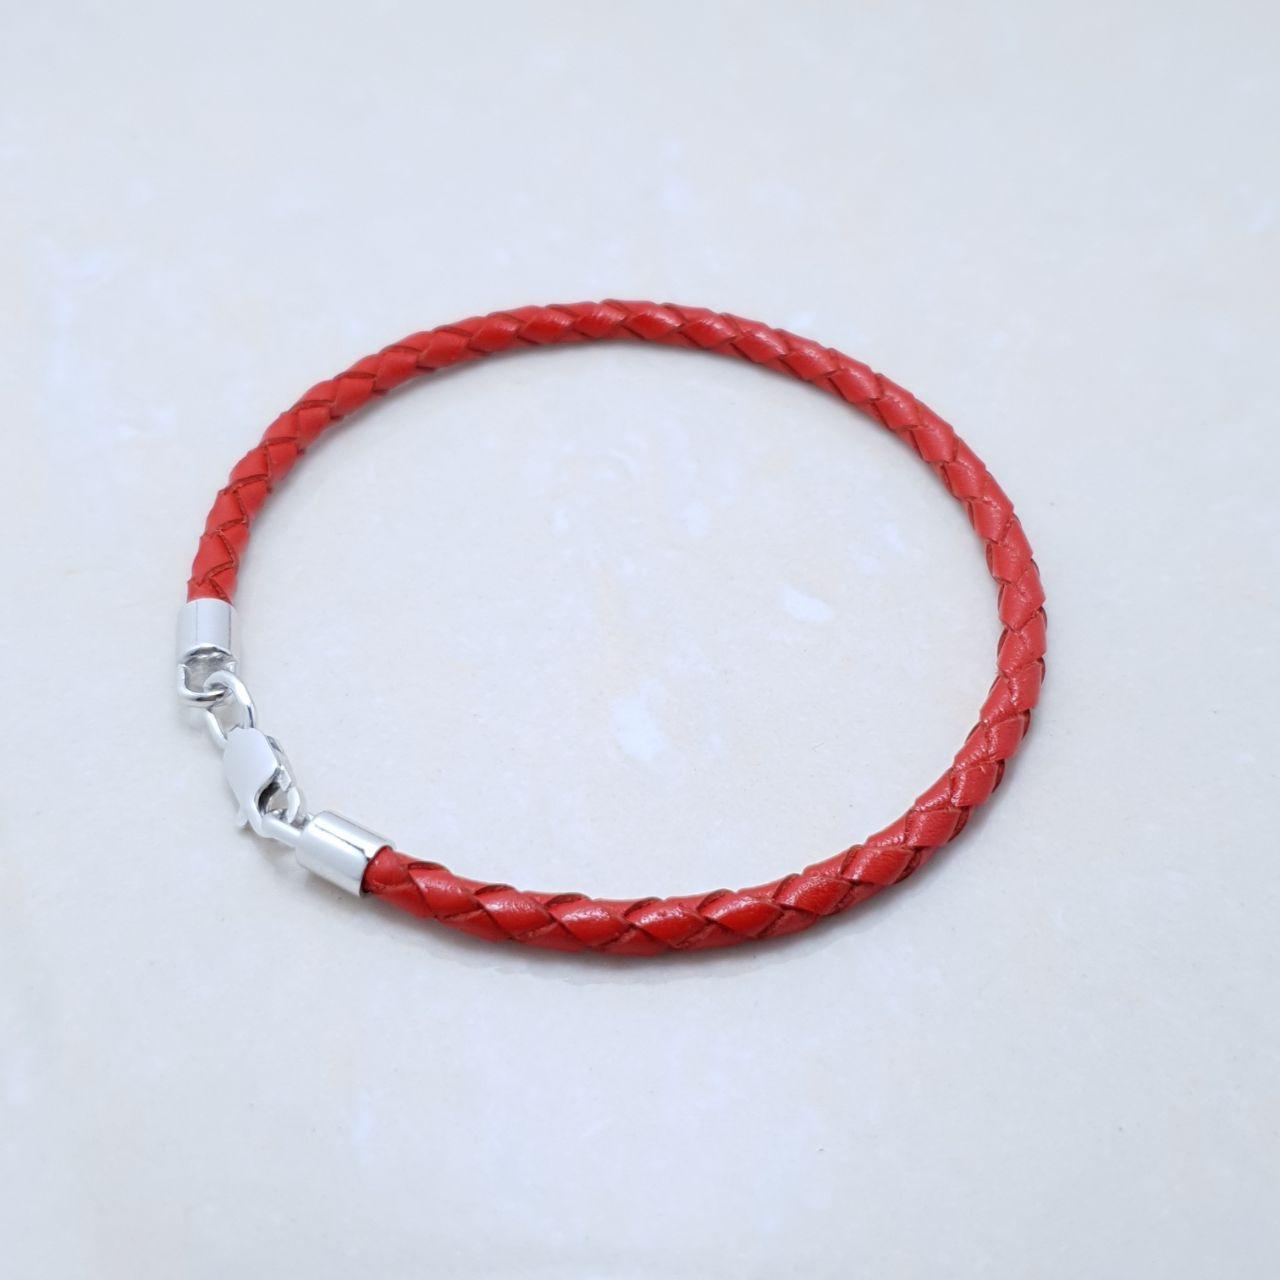 """Браслет-оберег """"Красная нить"""", серебро 925, белый родий, натуральный кожаный плетеный шнур - качество ТОП!!!"""